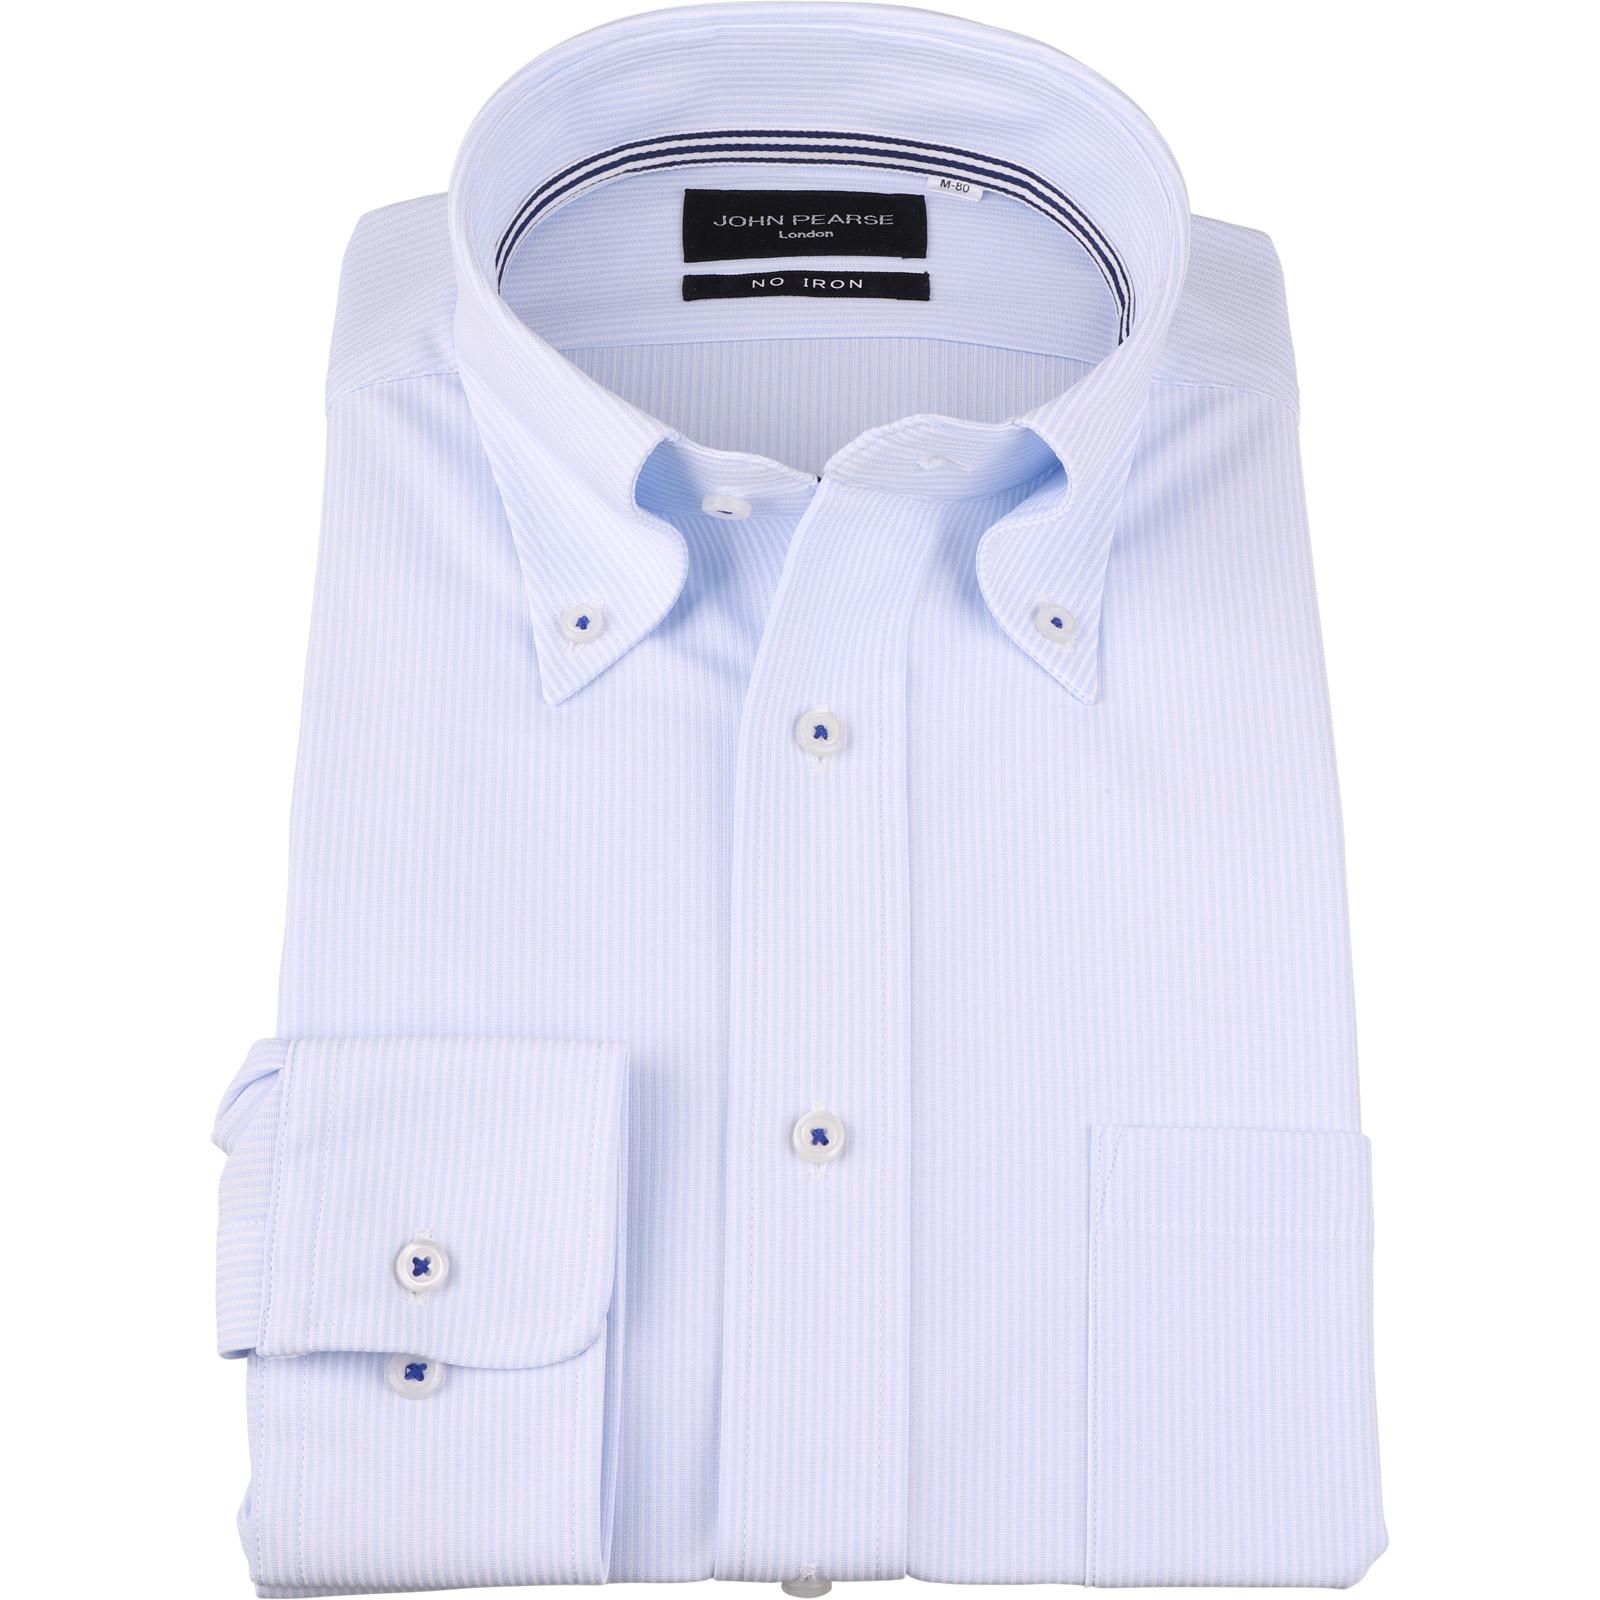 おすすめ ジョンピアース ノーアイロン ボタンダウンドレスワイシャツ ブルー×ホワイトストライプ 釦付糸:ネイビー MOVE ULTRA コナカ ニット素材 ランキングTOP5